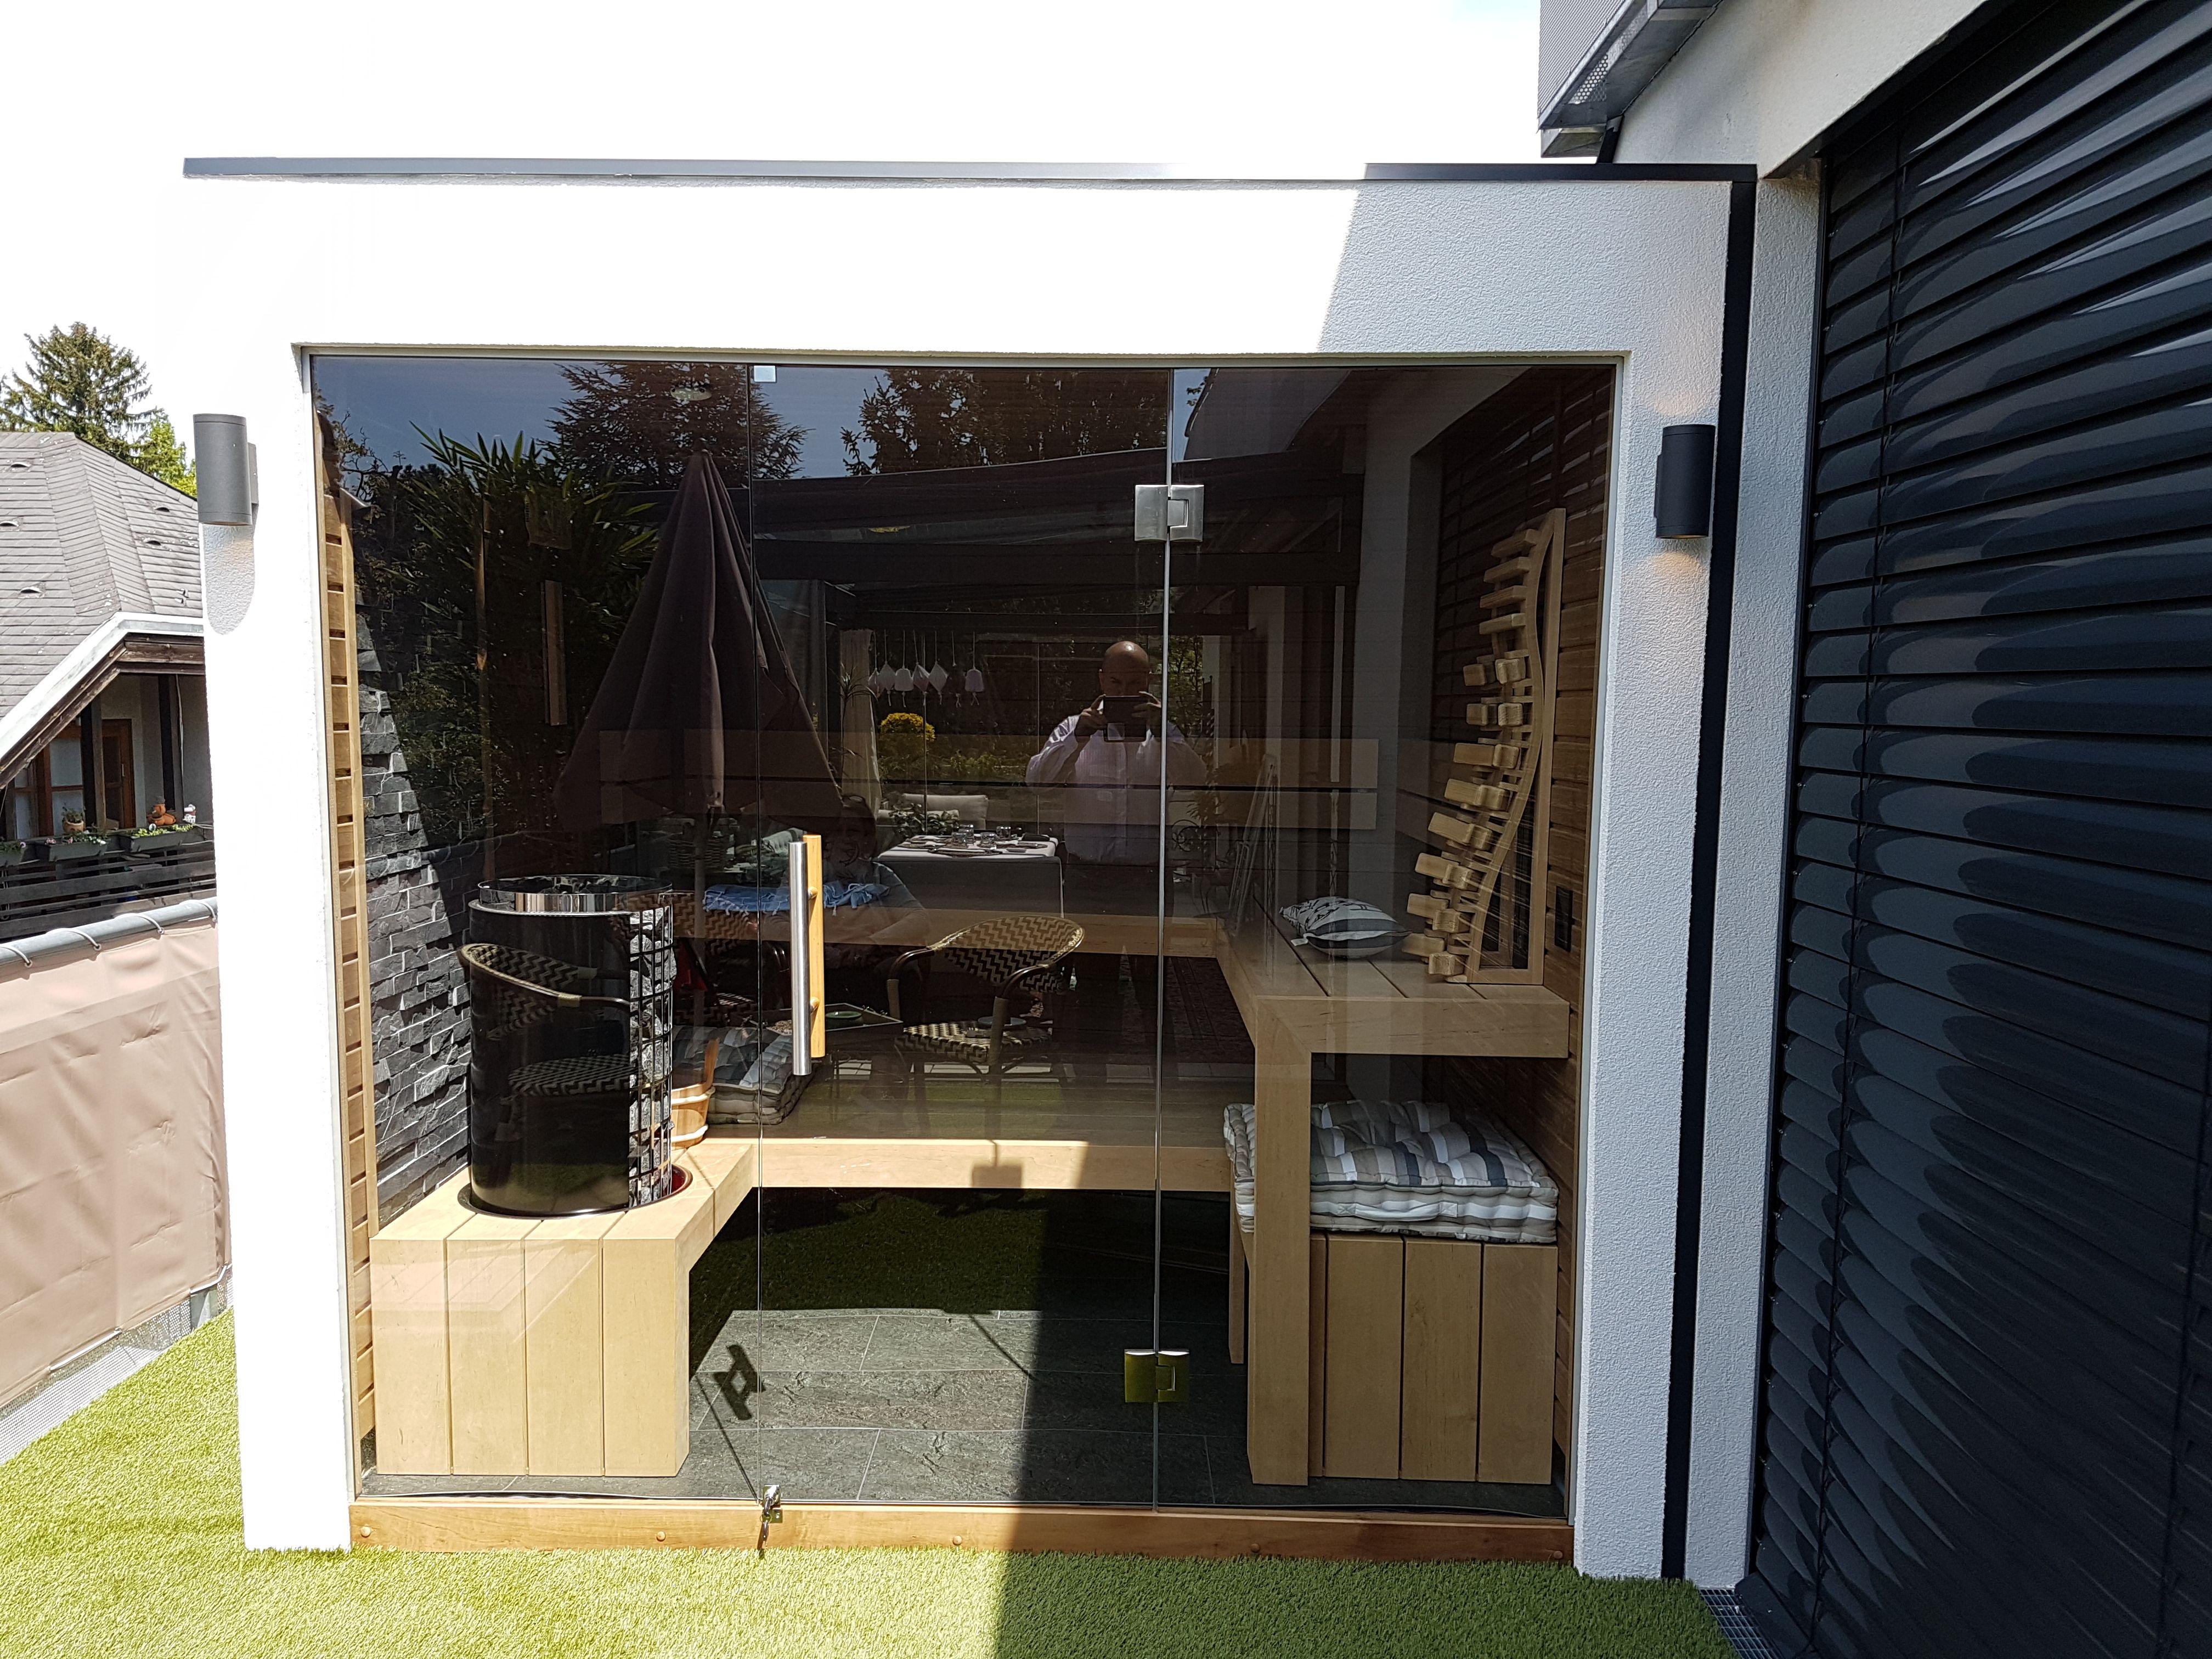 Outdoor Sauna / Garten Sauna nach Maß / für Kunden geplant ...